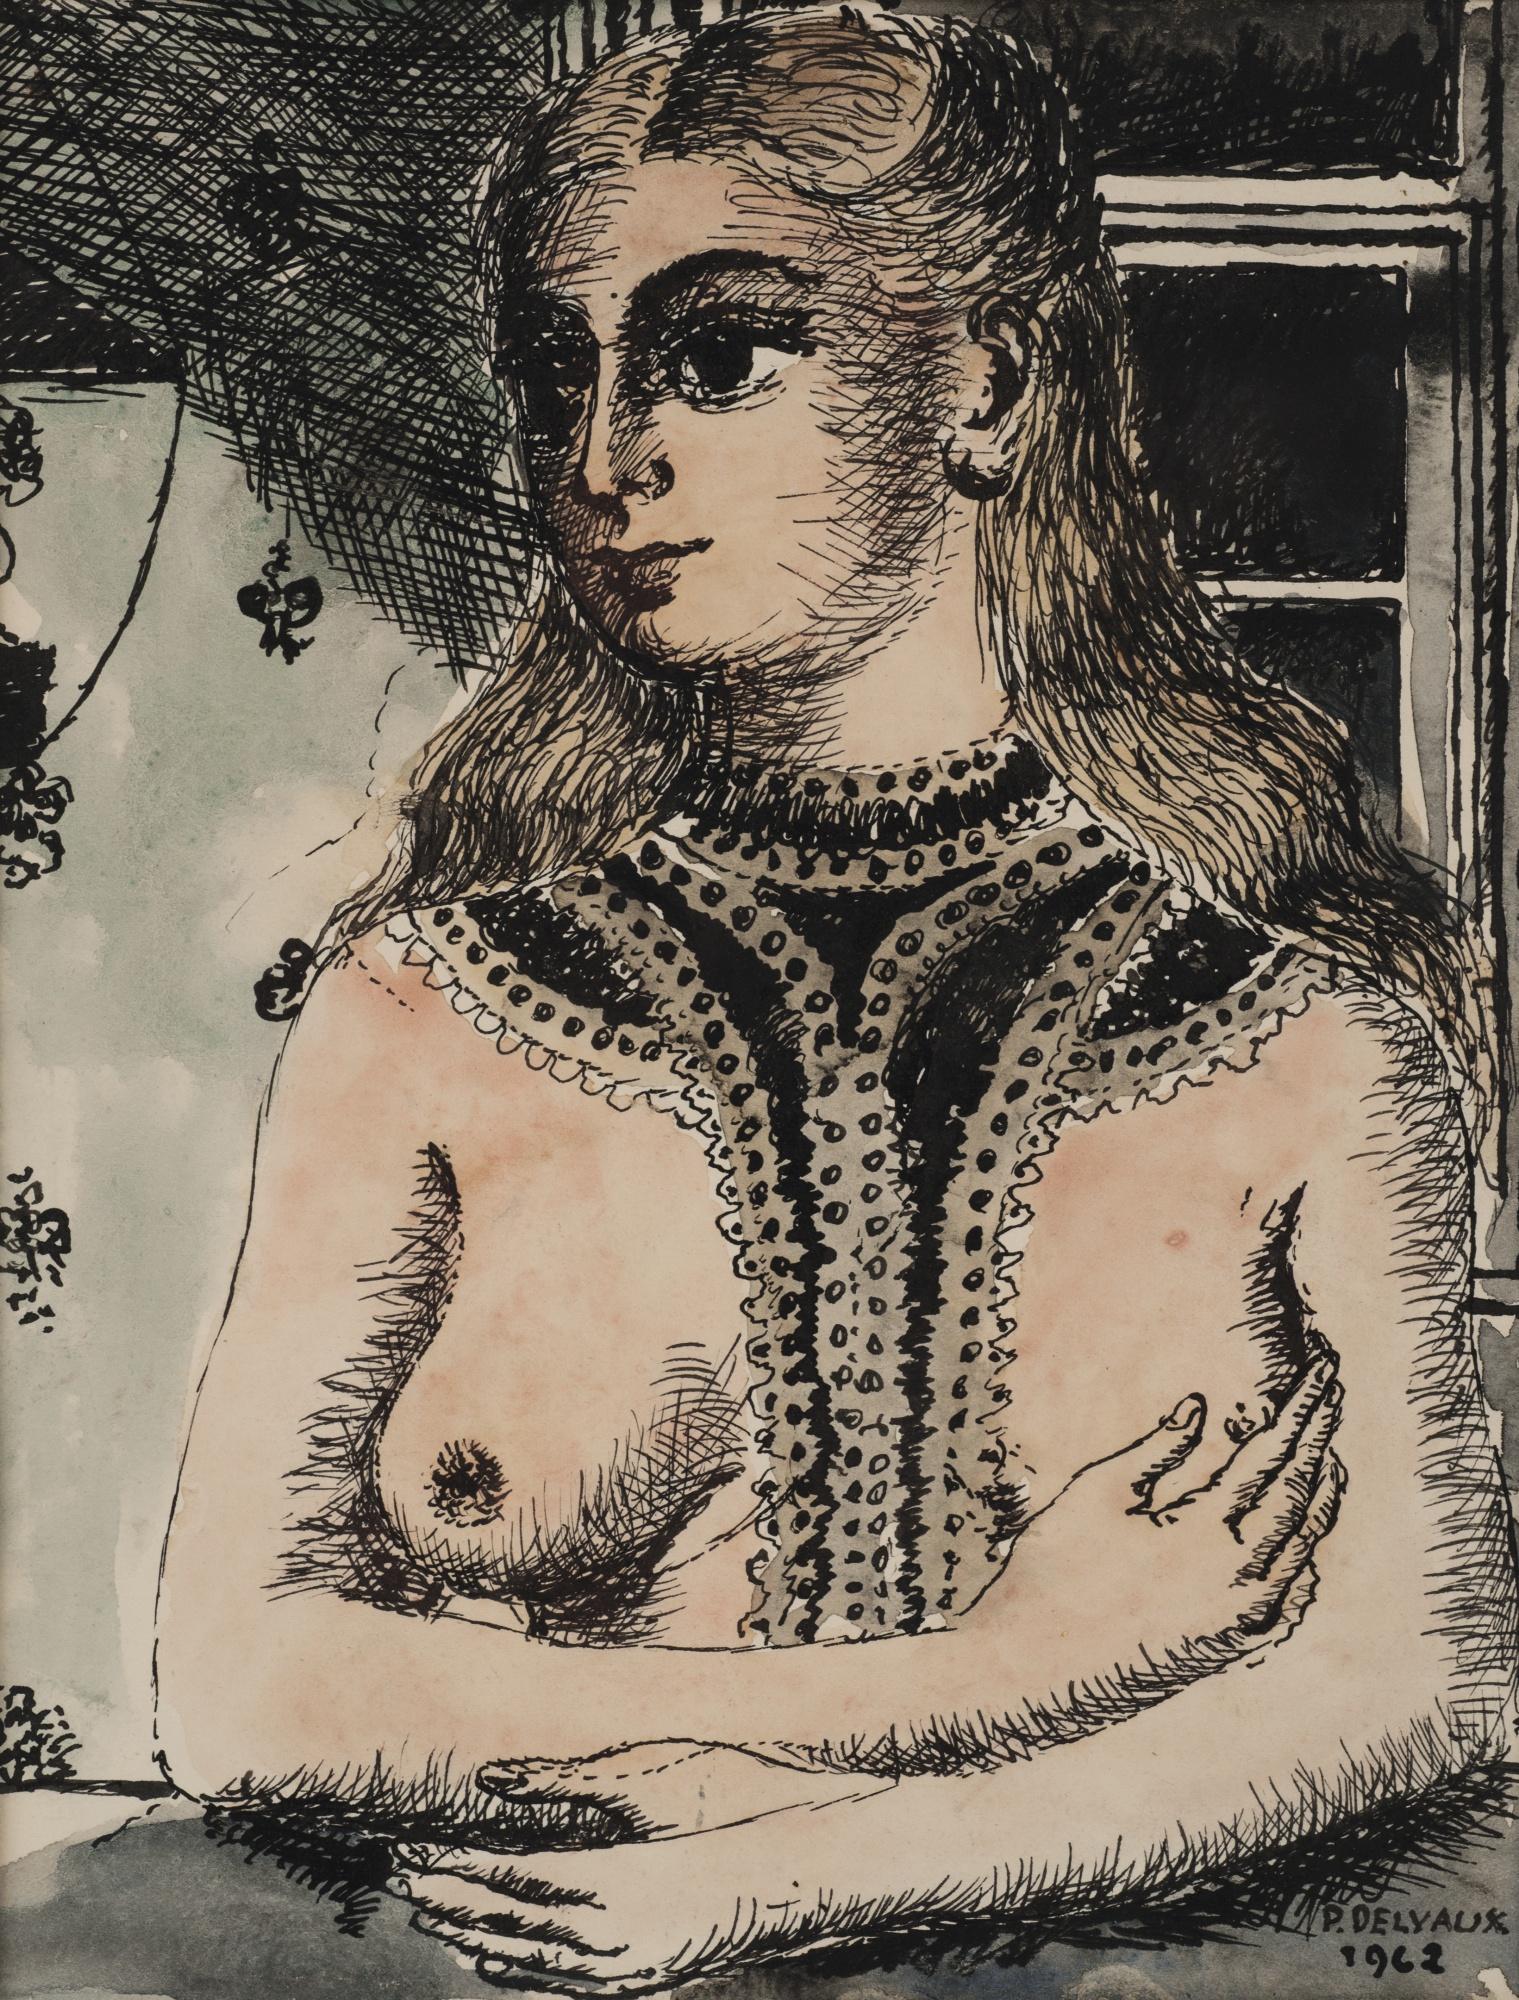 Paul Delvaux-Jeune Femme Aux Bras Croises-1962